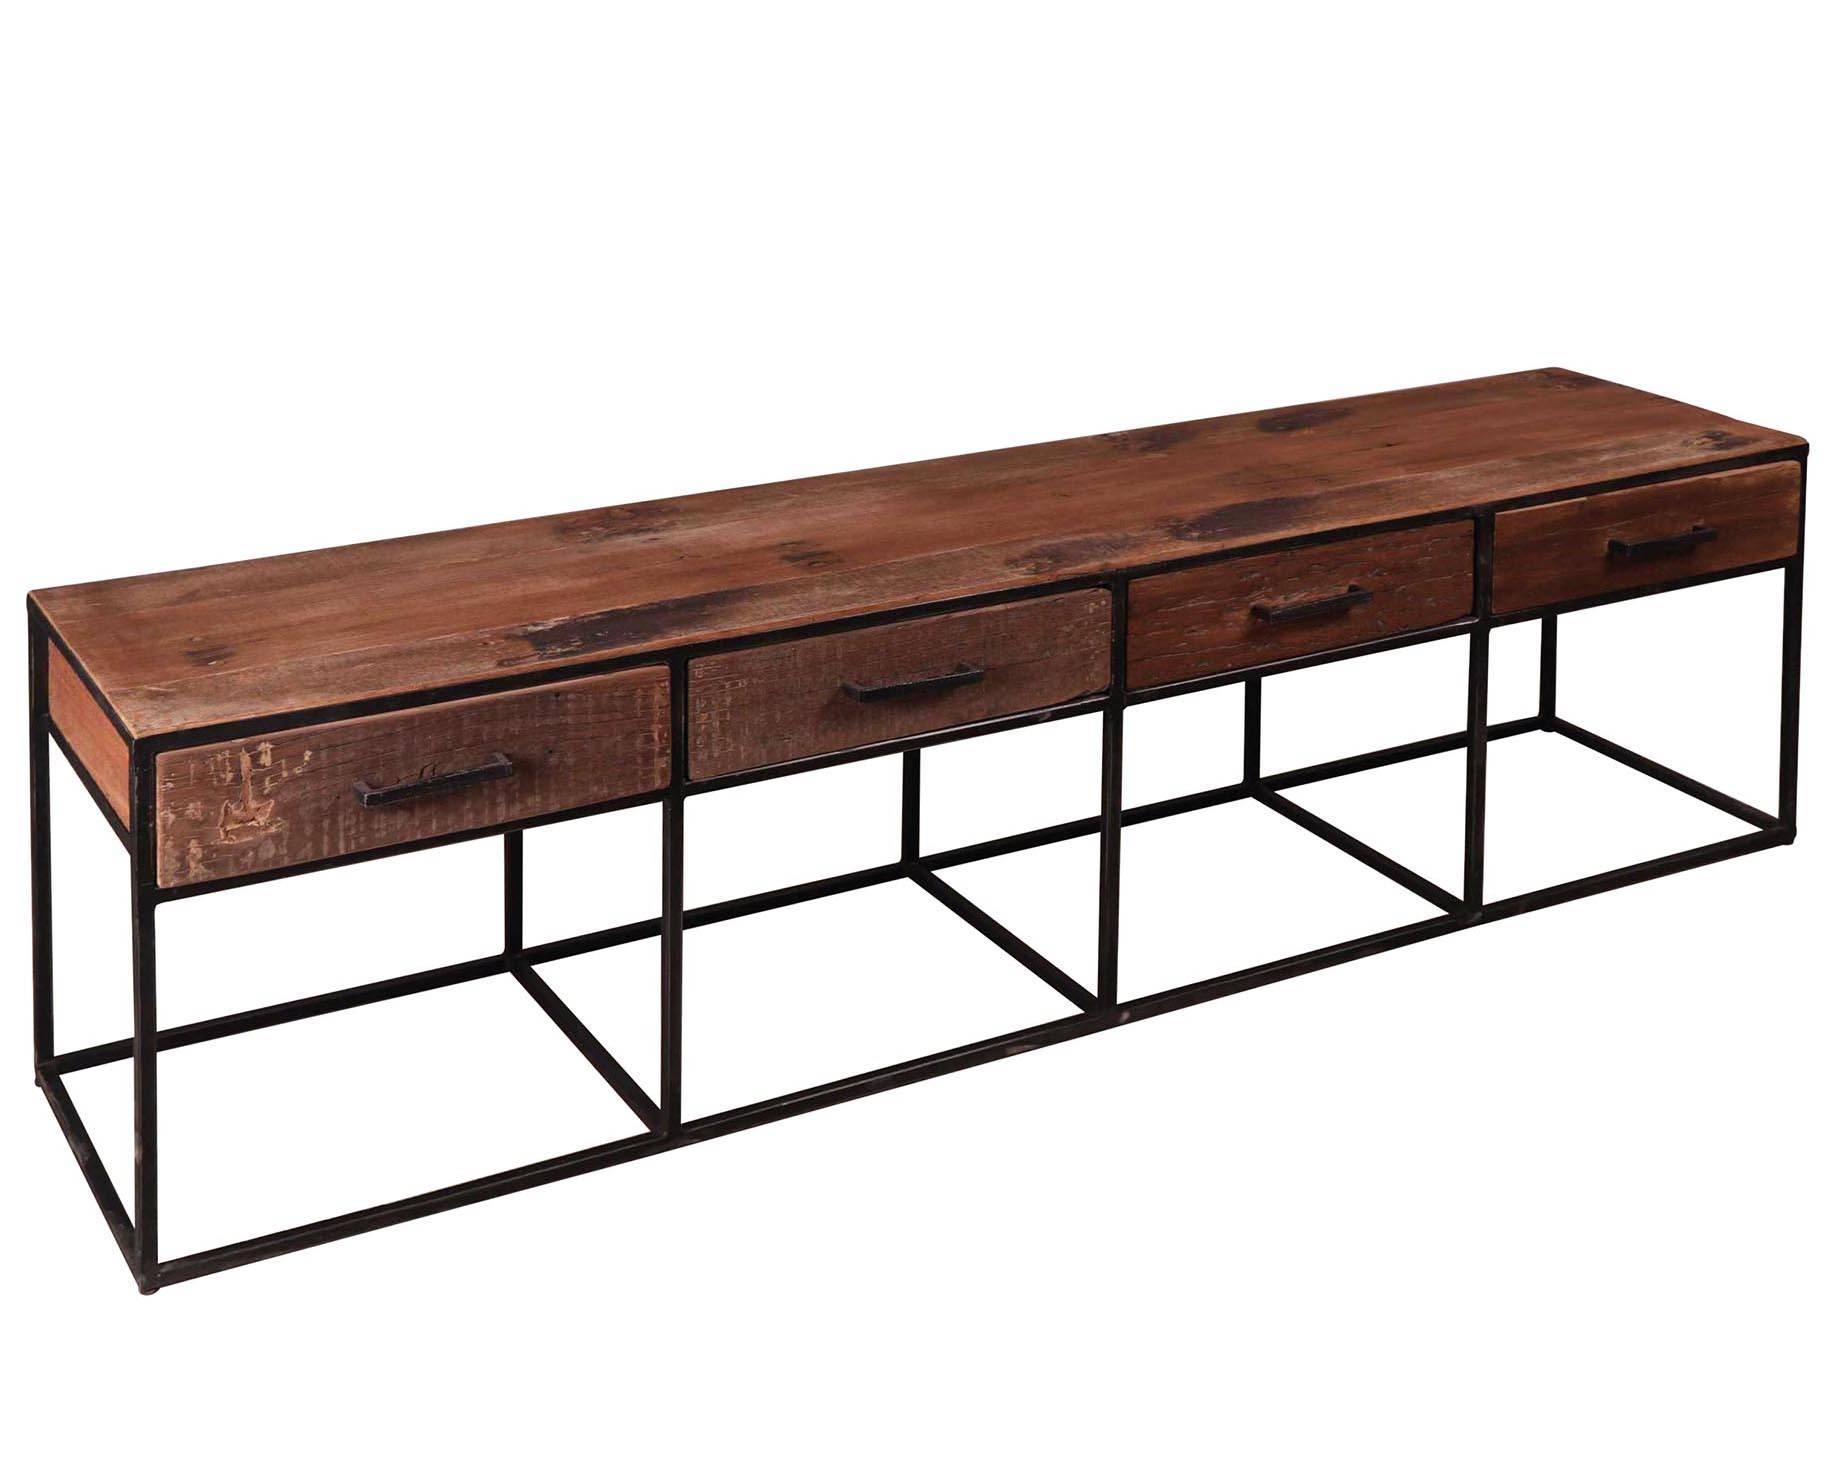 meuble tv float 4 tiroirs hinsk console basse meuble de rangement indus en bois et acier 40x50x180cm